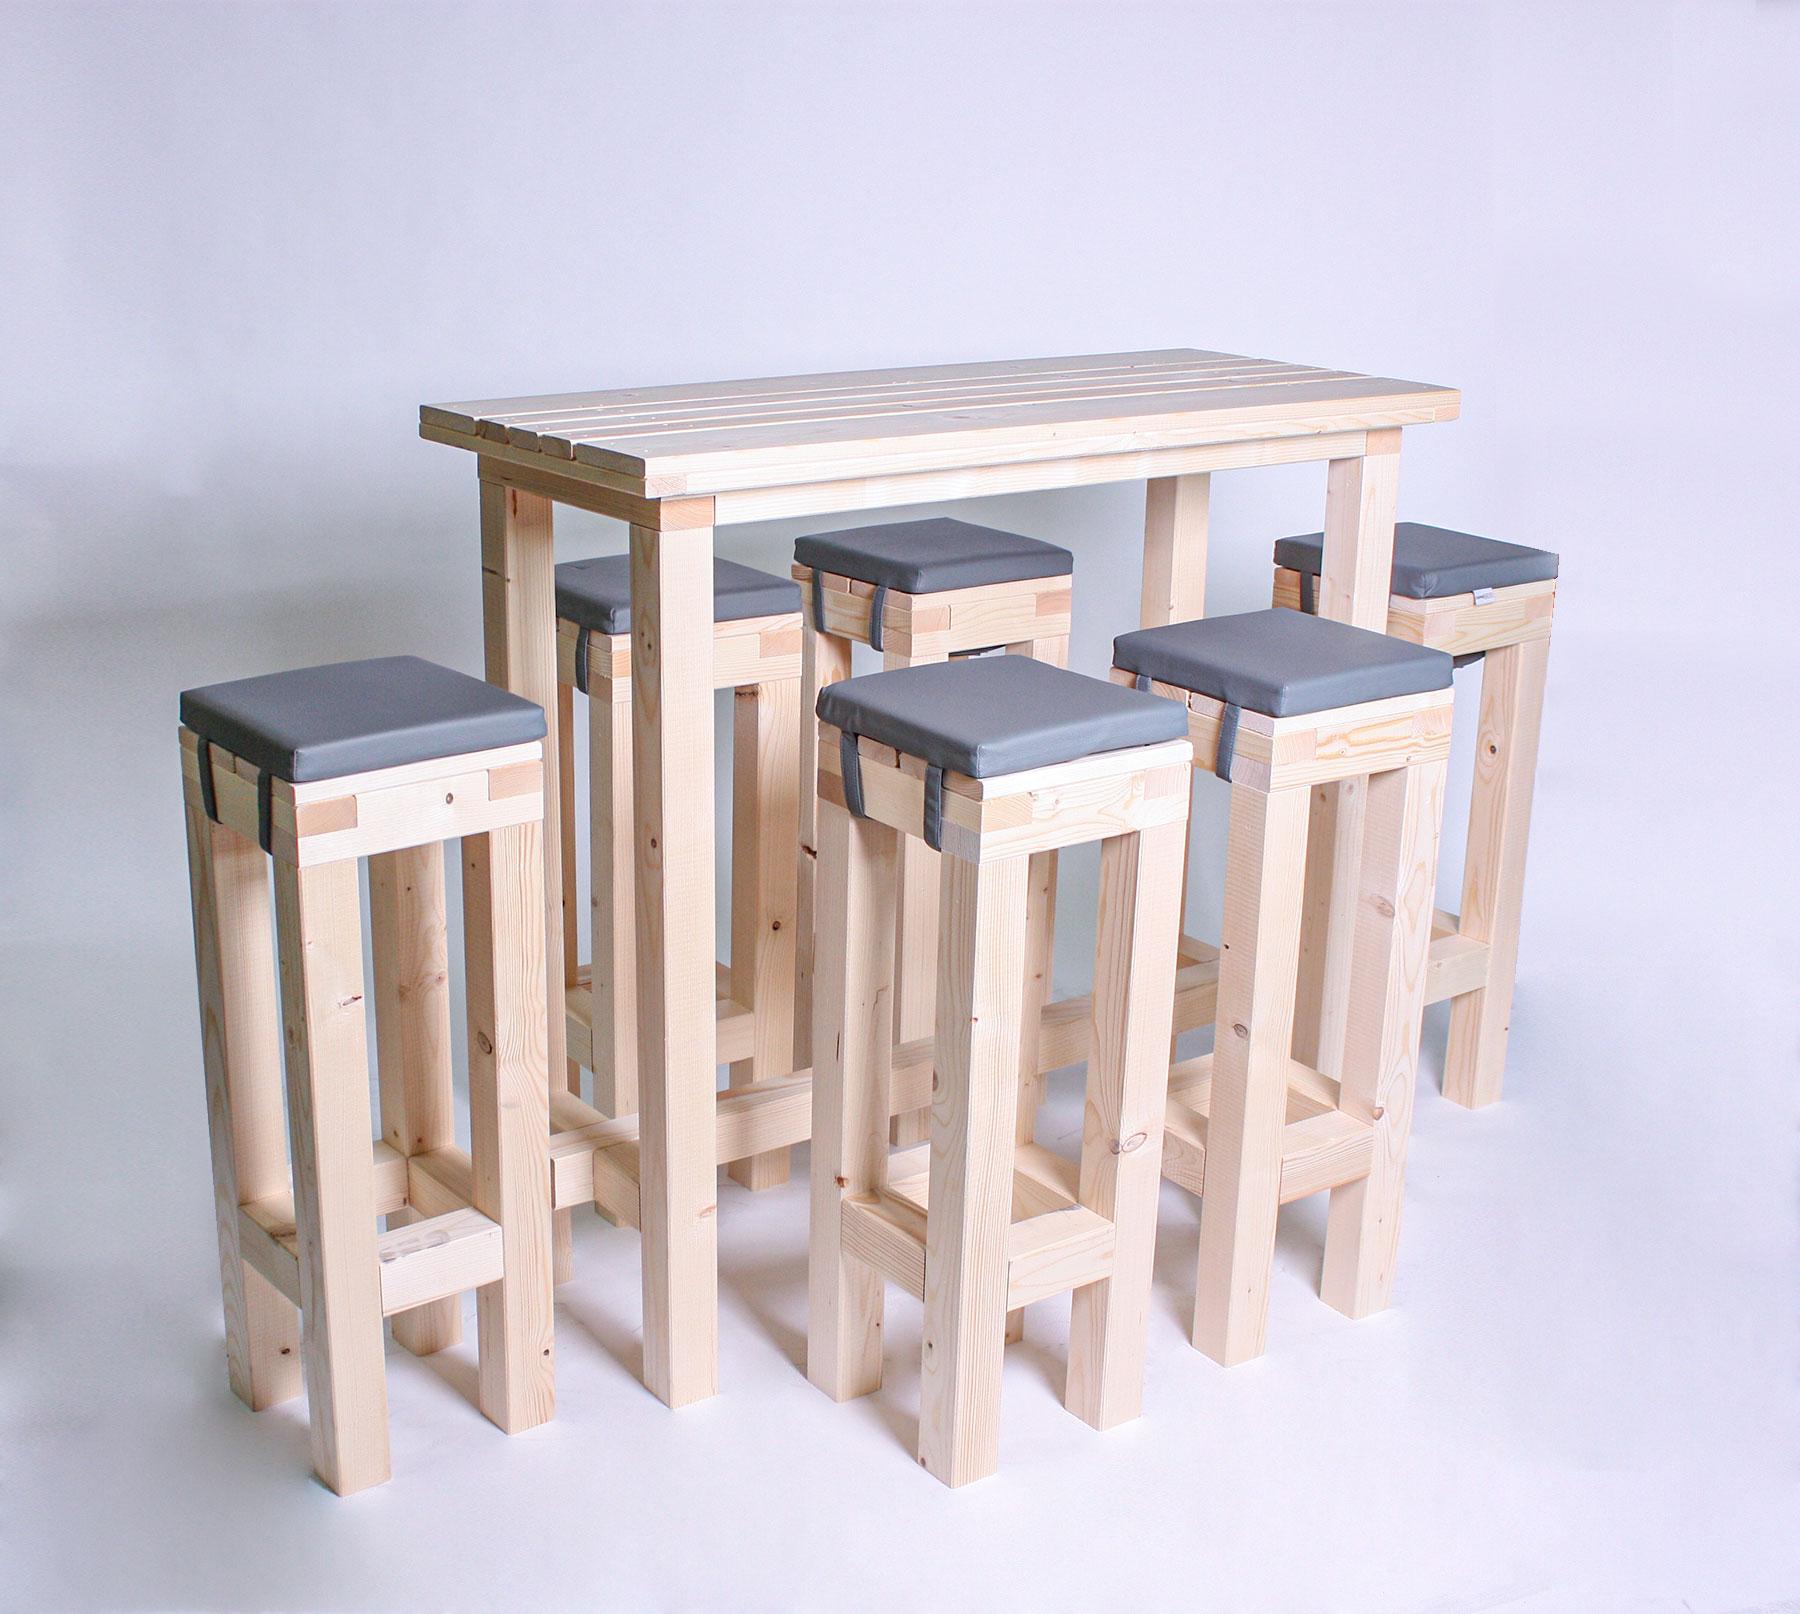 Stehgarnitur KOMPAKT - Tischlänge 120cm - 6 Personen - NEU